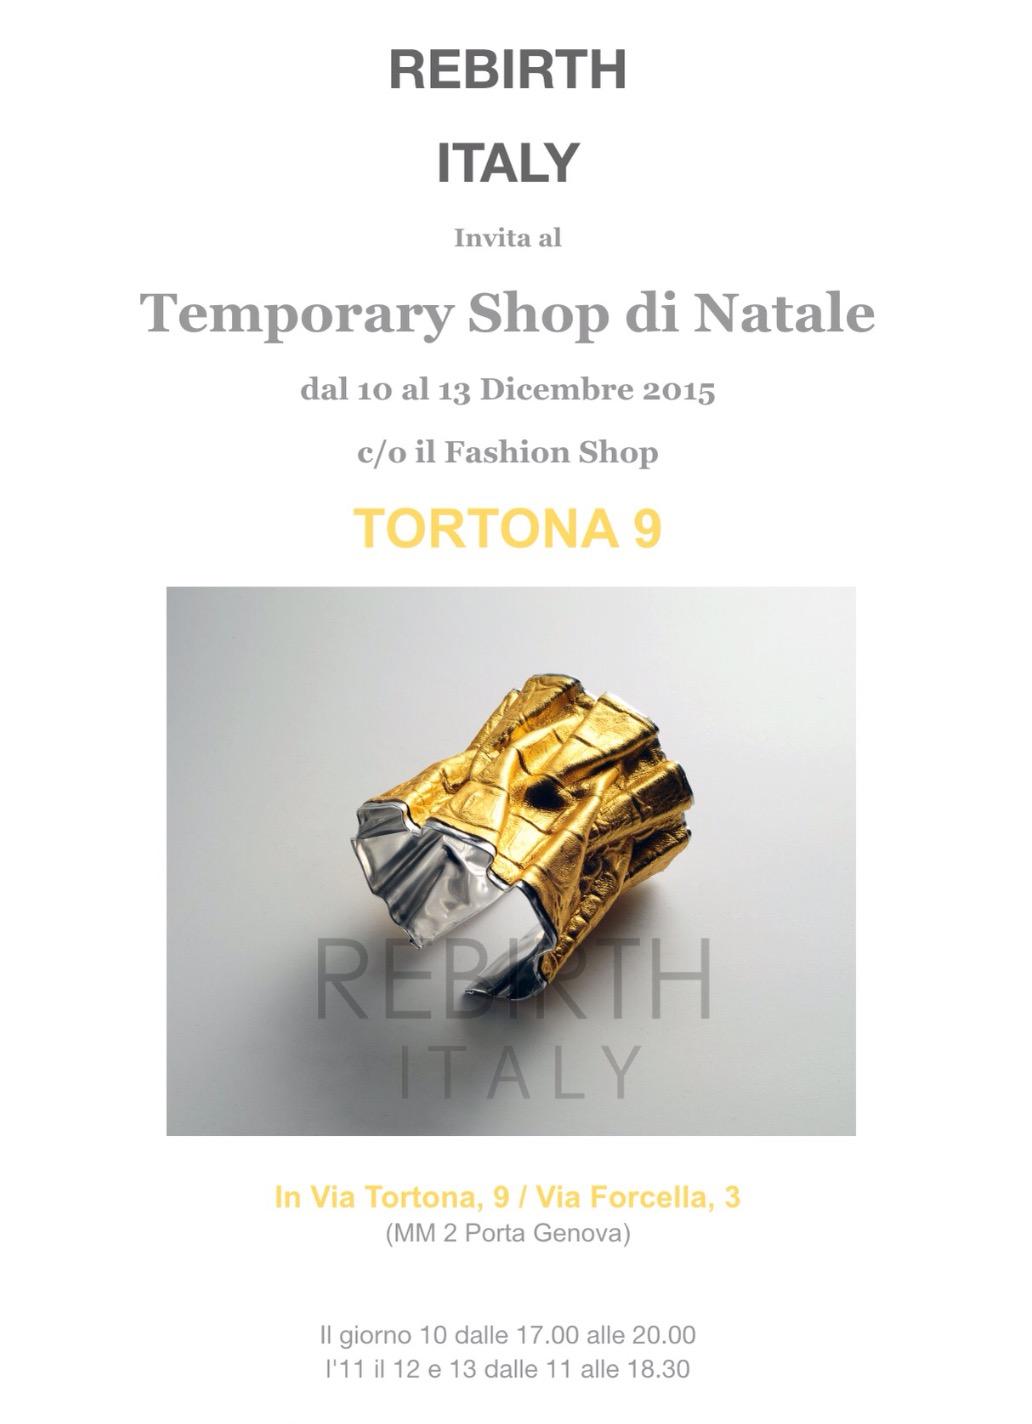 Temporary Shop di Natale | Spazio Tortona 9, Milano | 10/13 Dicembre 2015